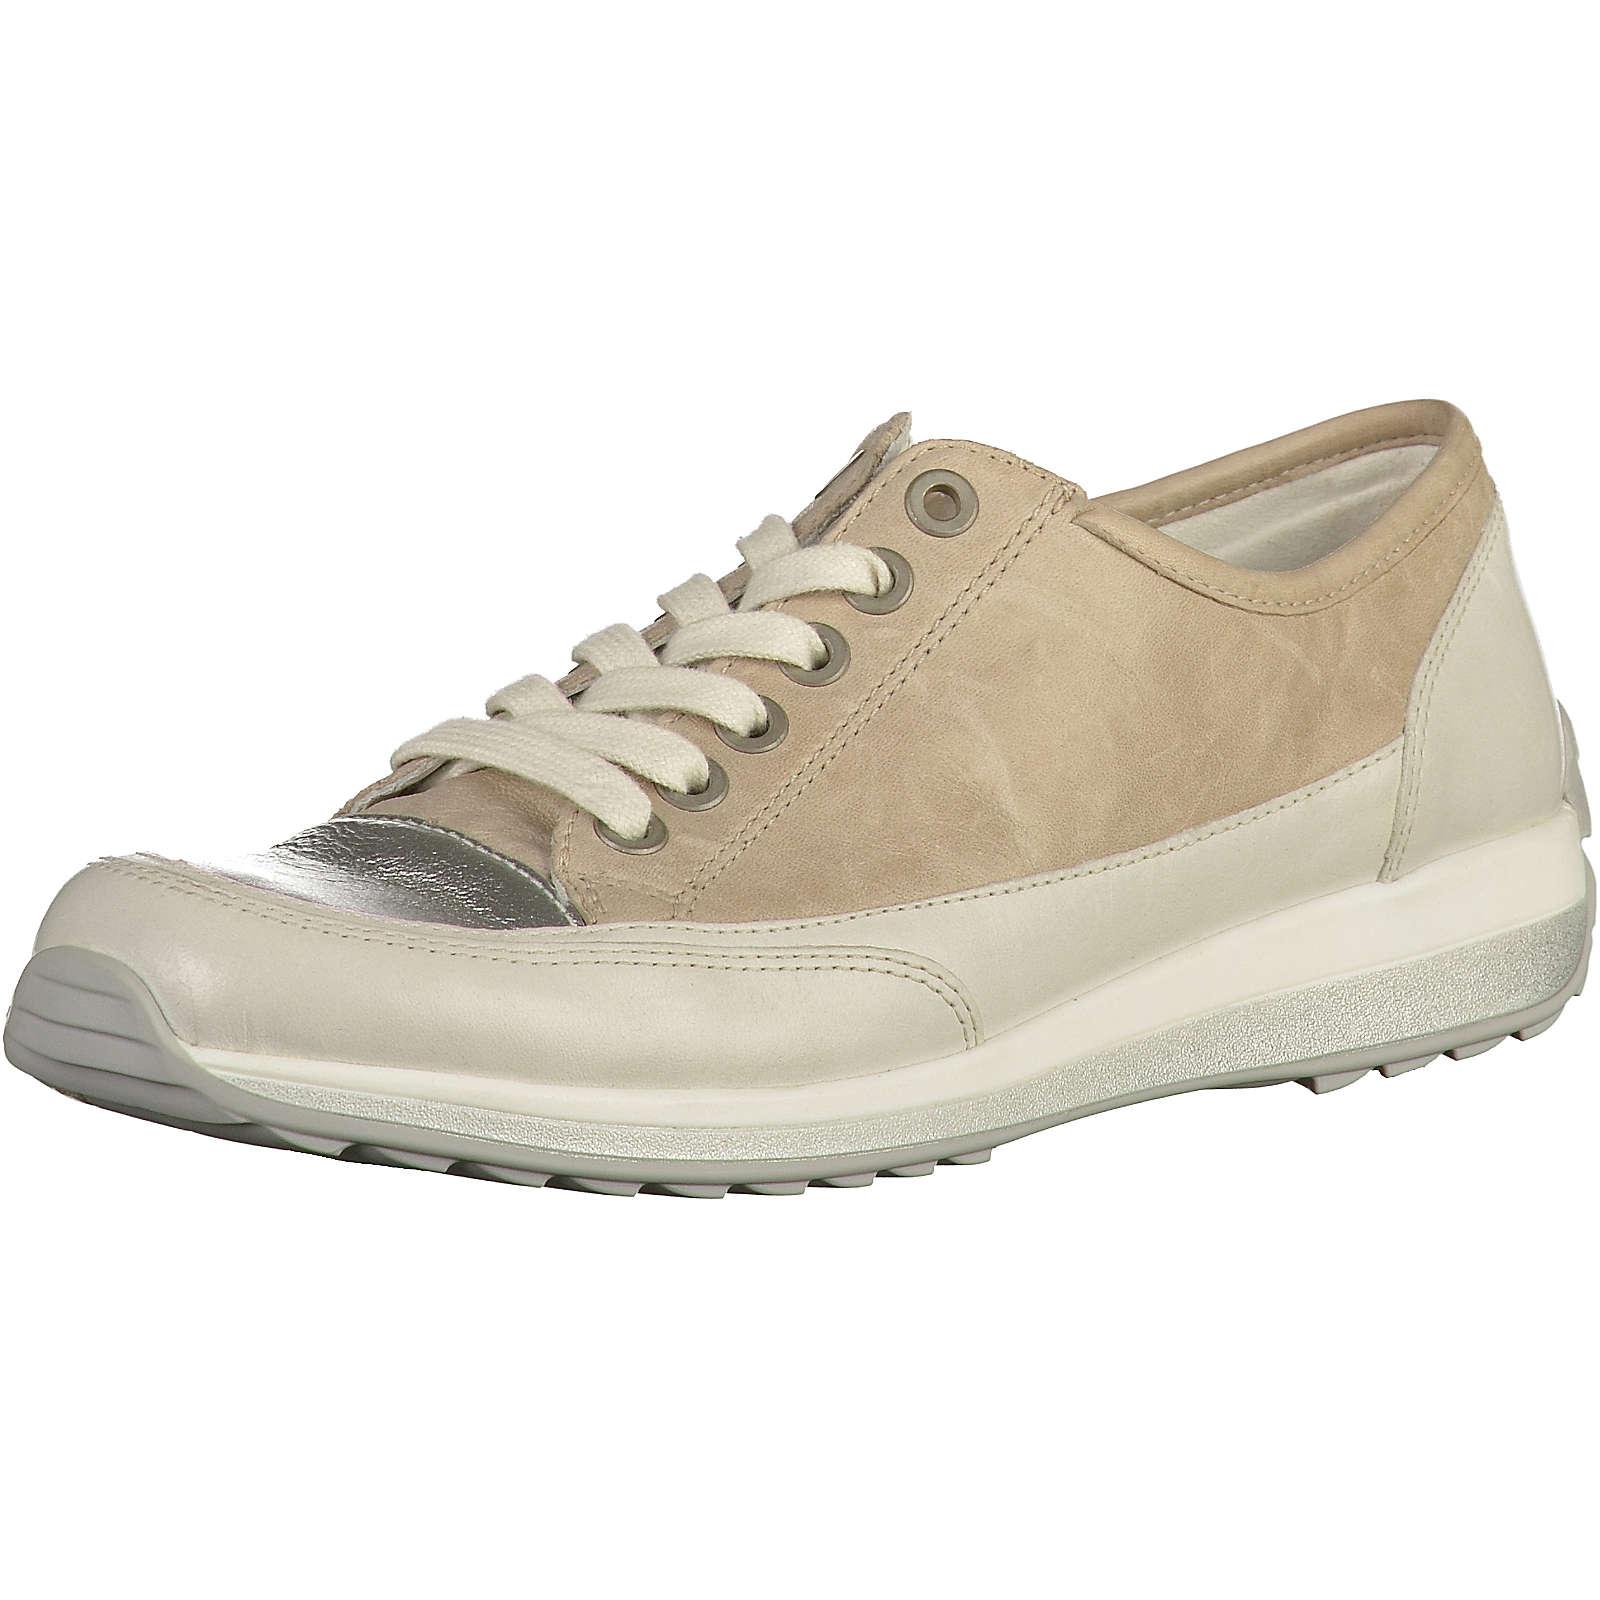 ara Sneakers beige-kombi Damen Gr. 39